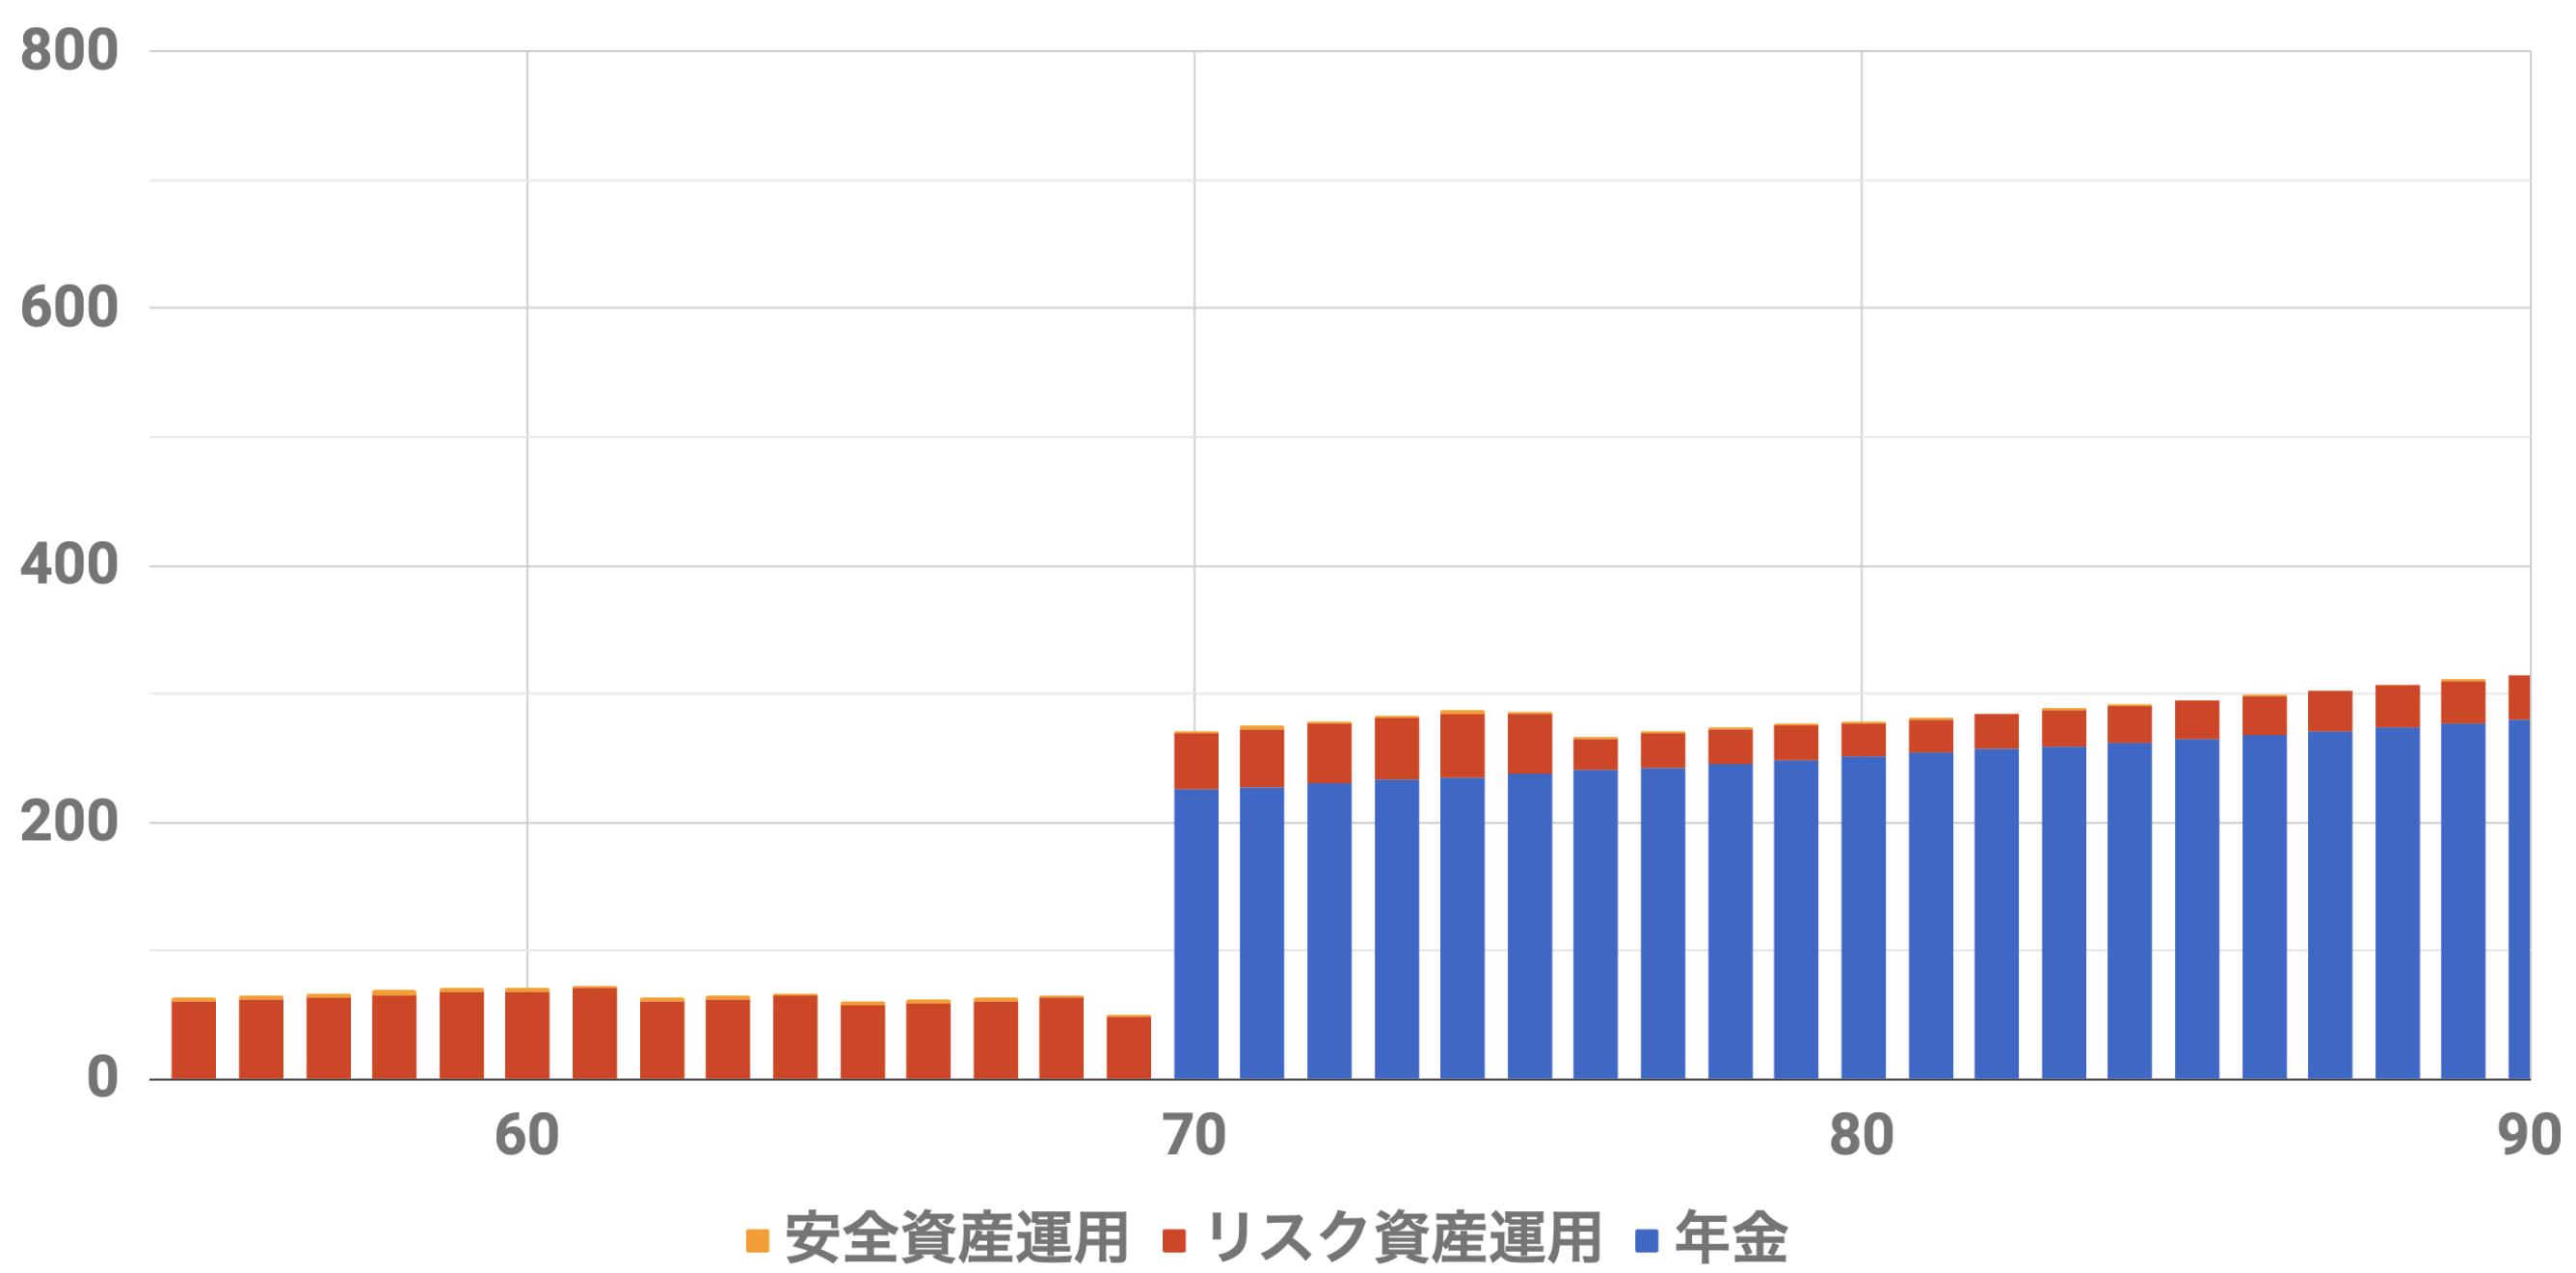 55歳9000万円収入シミュレーション(Level4)インフレ率2%利率3%連続増配率3%安全資産7000万リスク資産2000万